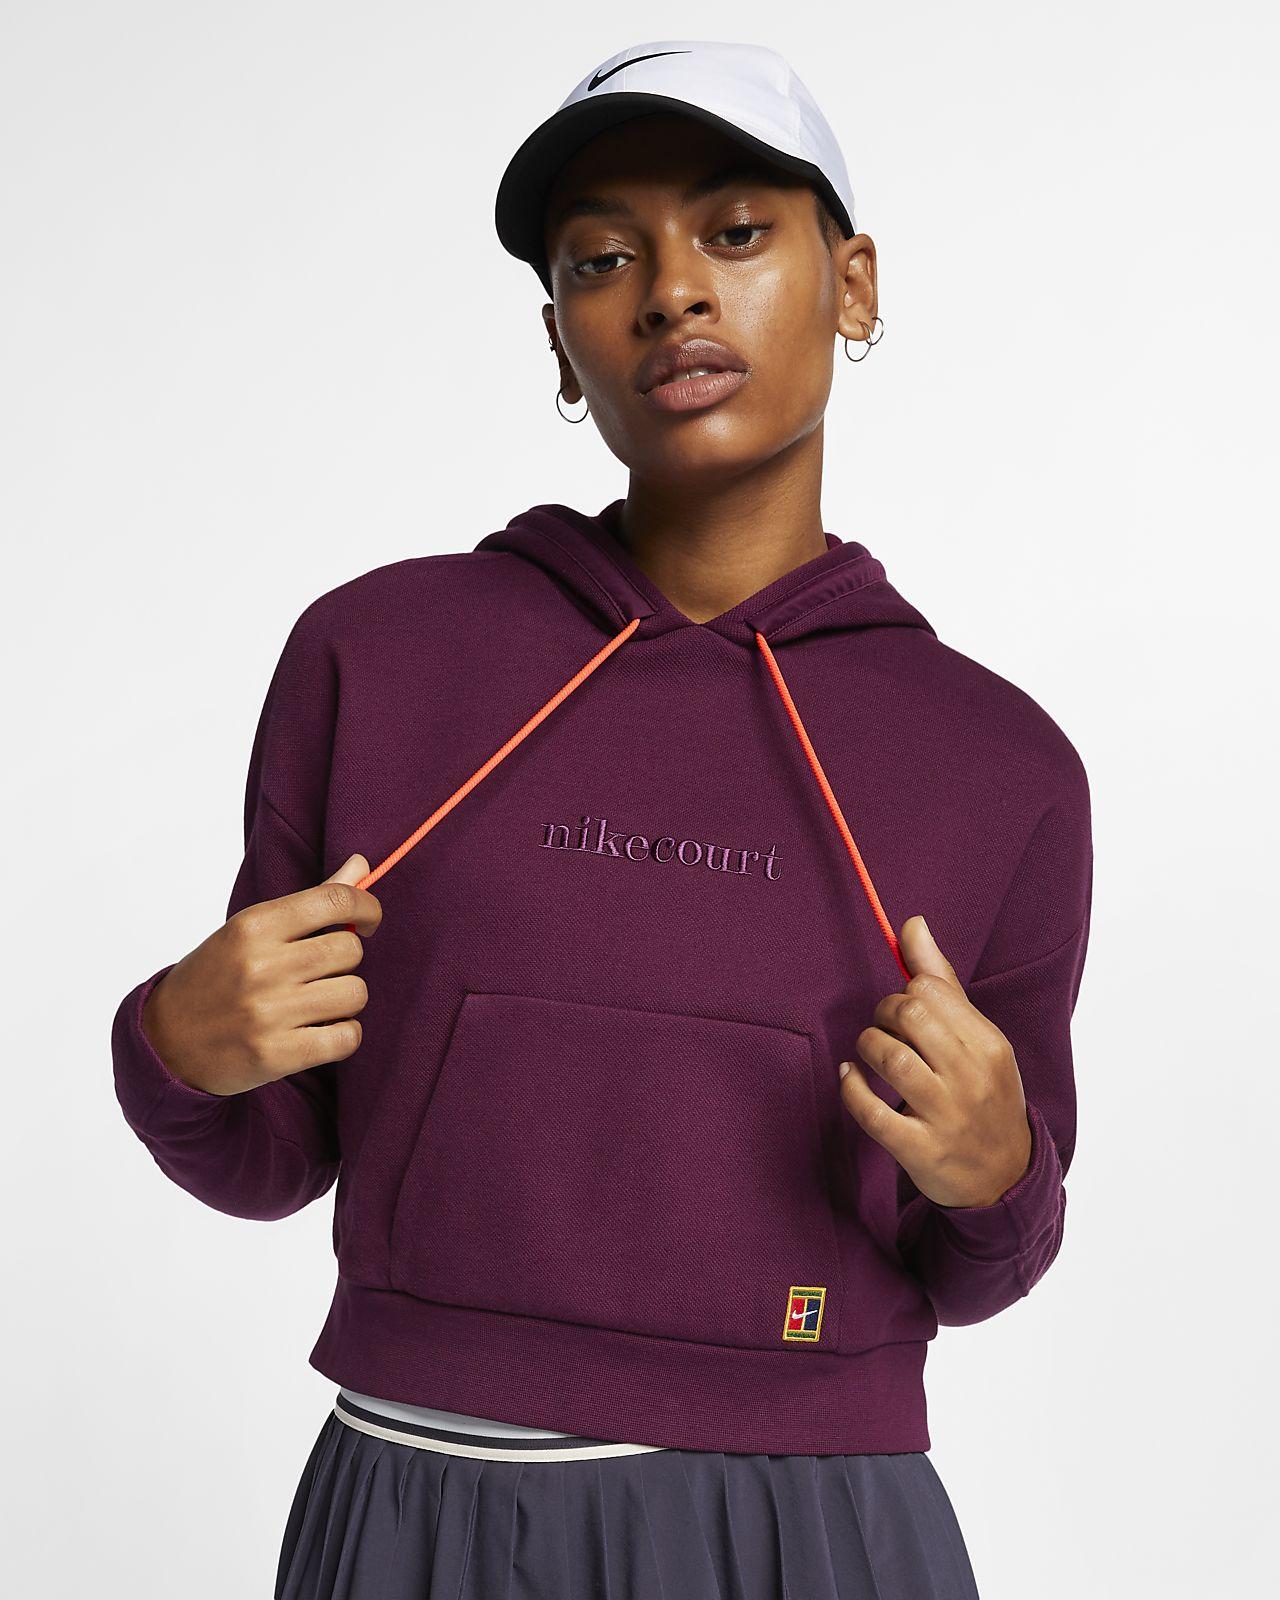 innovative design ca460 d2304 NikeCourt-pullover-hættetrøje til tennis til kvinder